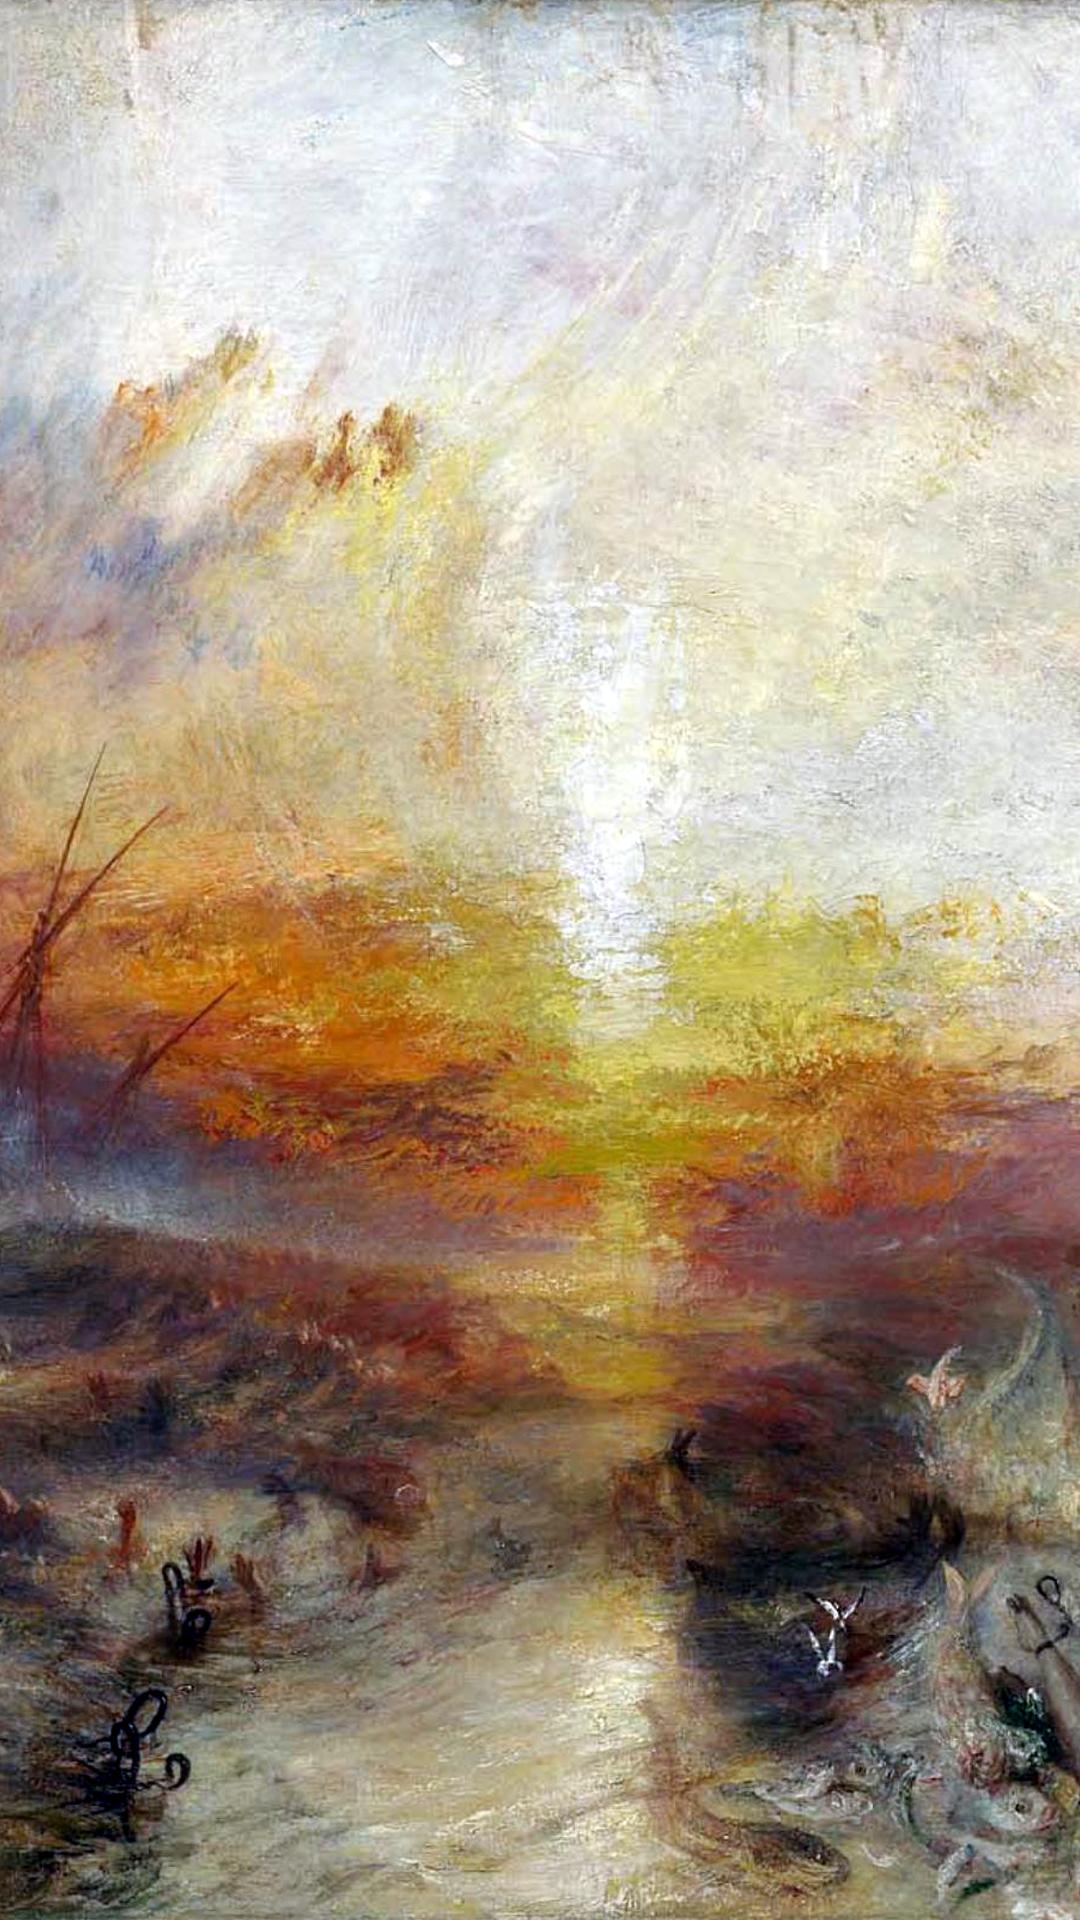 ジョゼフ・マロード・ウィリアム・ターナーの画像 p1_21